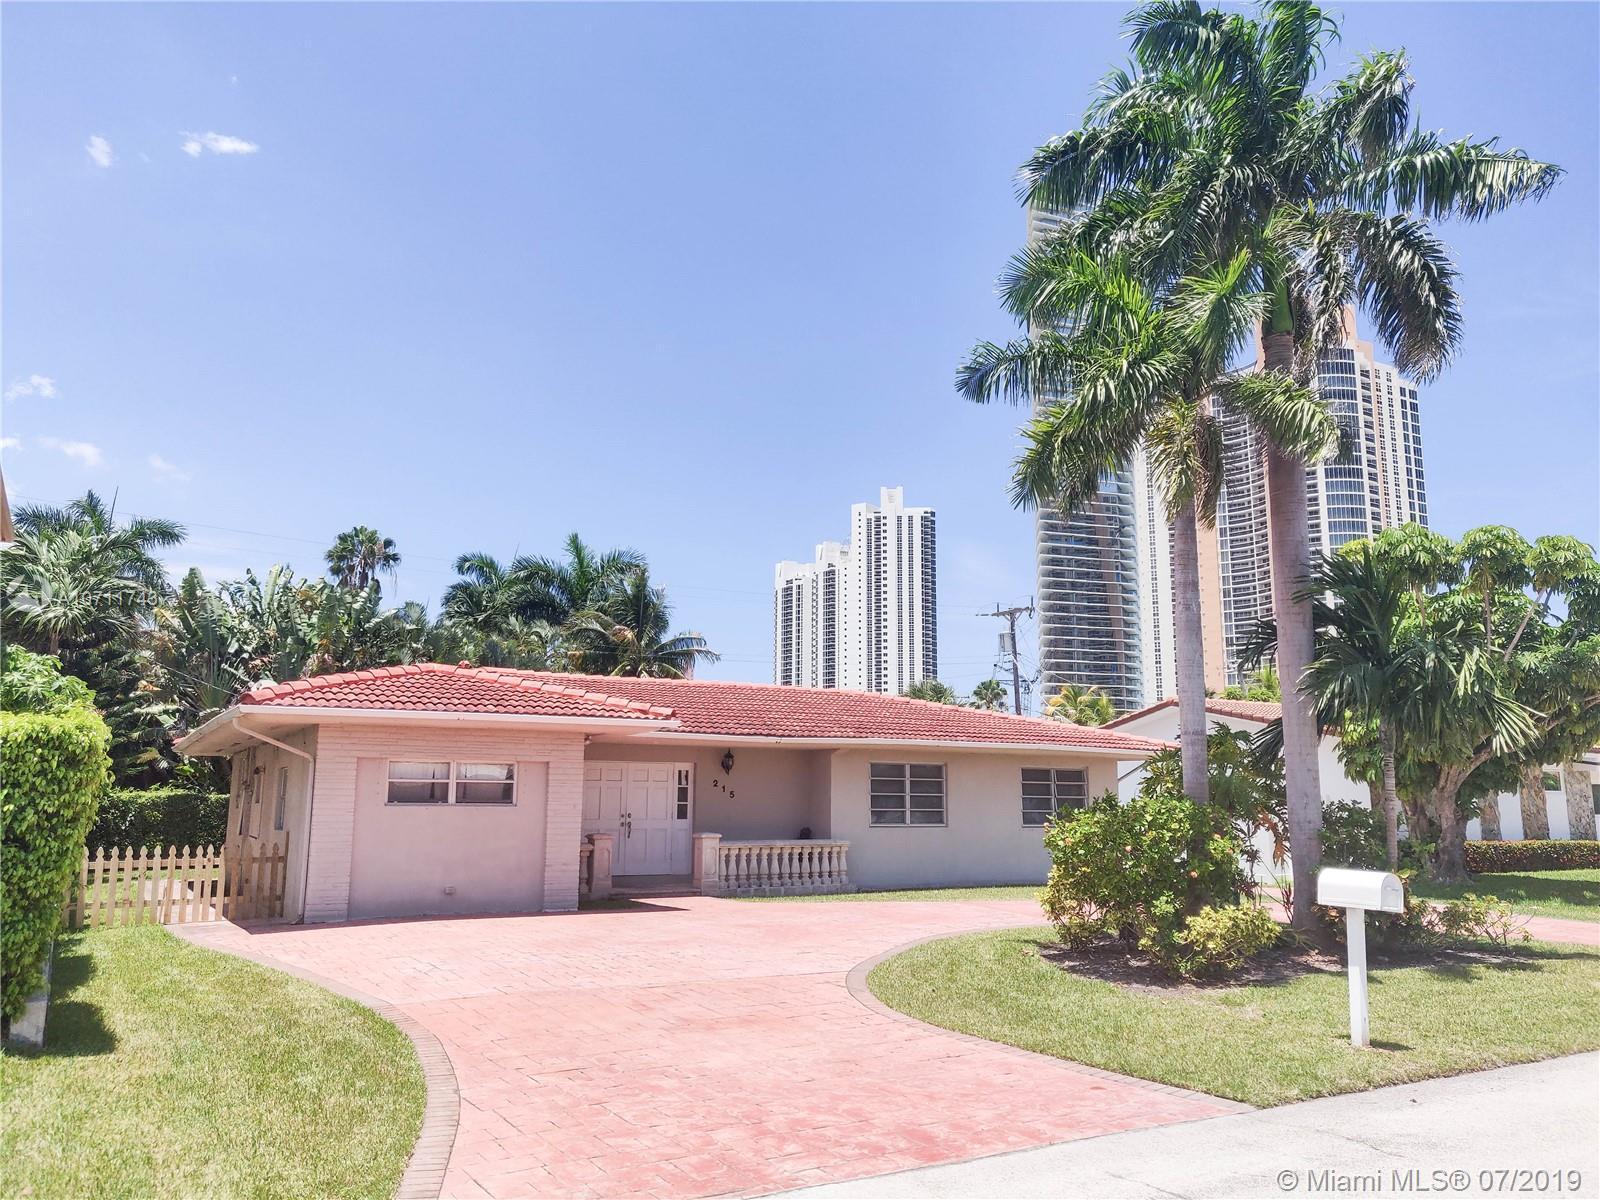 215 187 St, Sunny Isles Beach, Florida